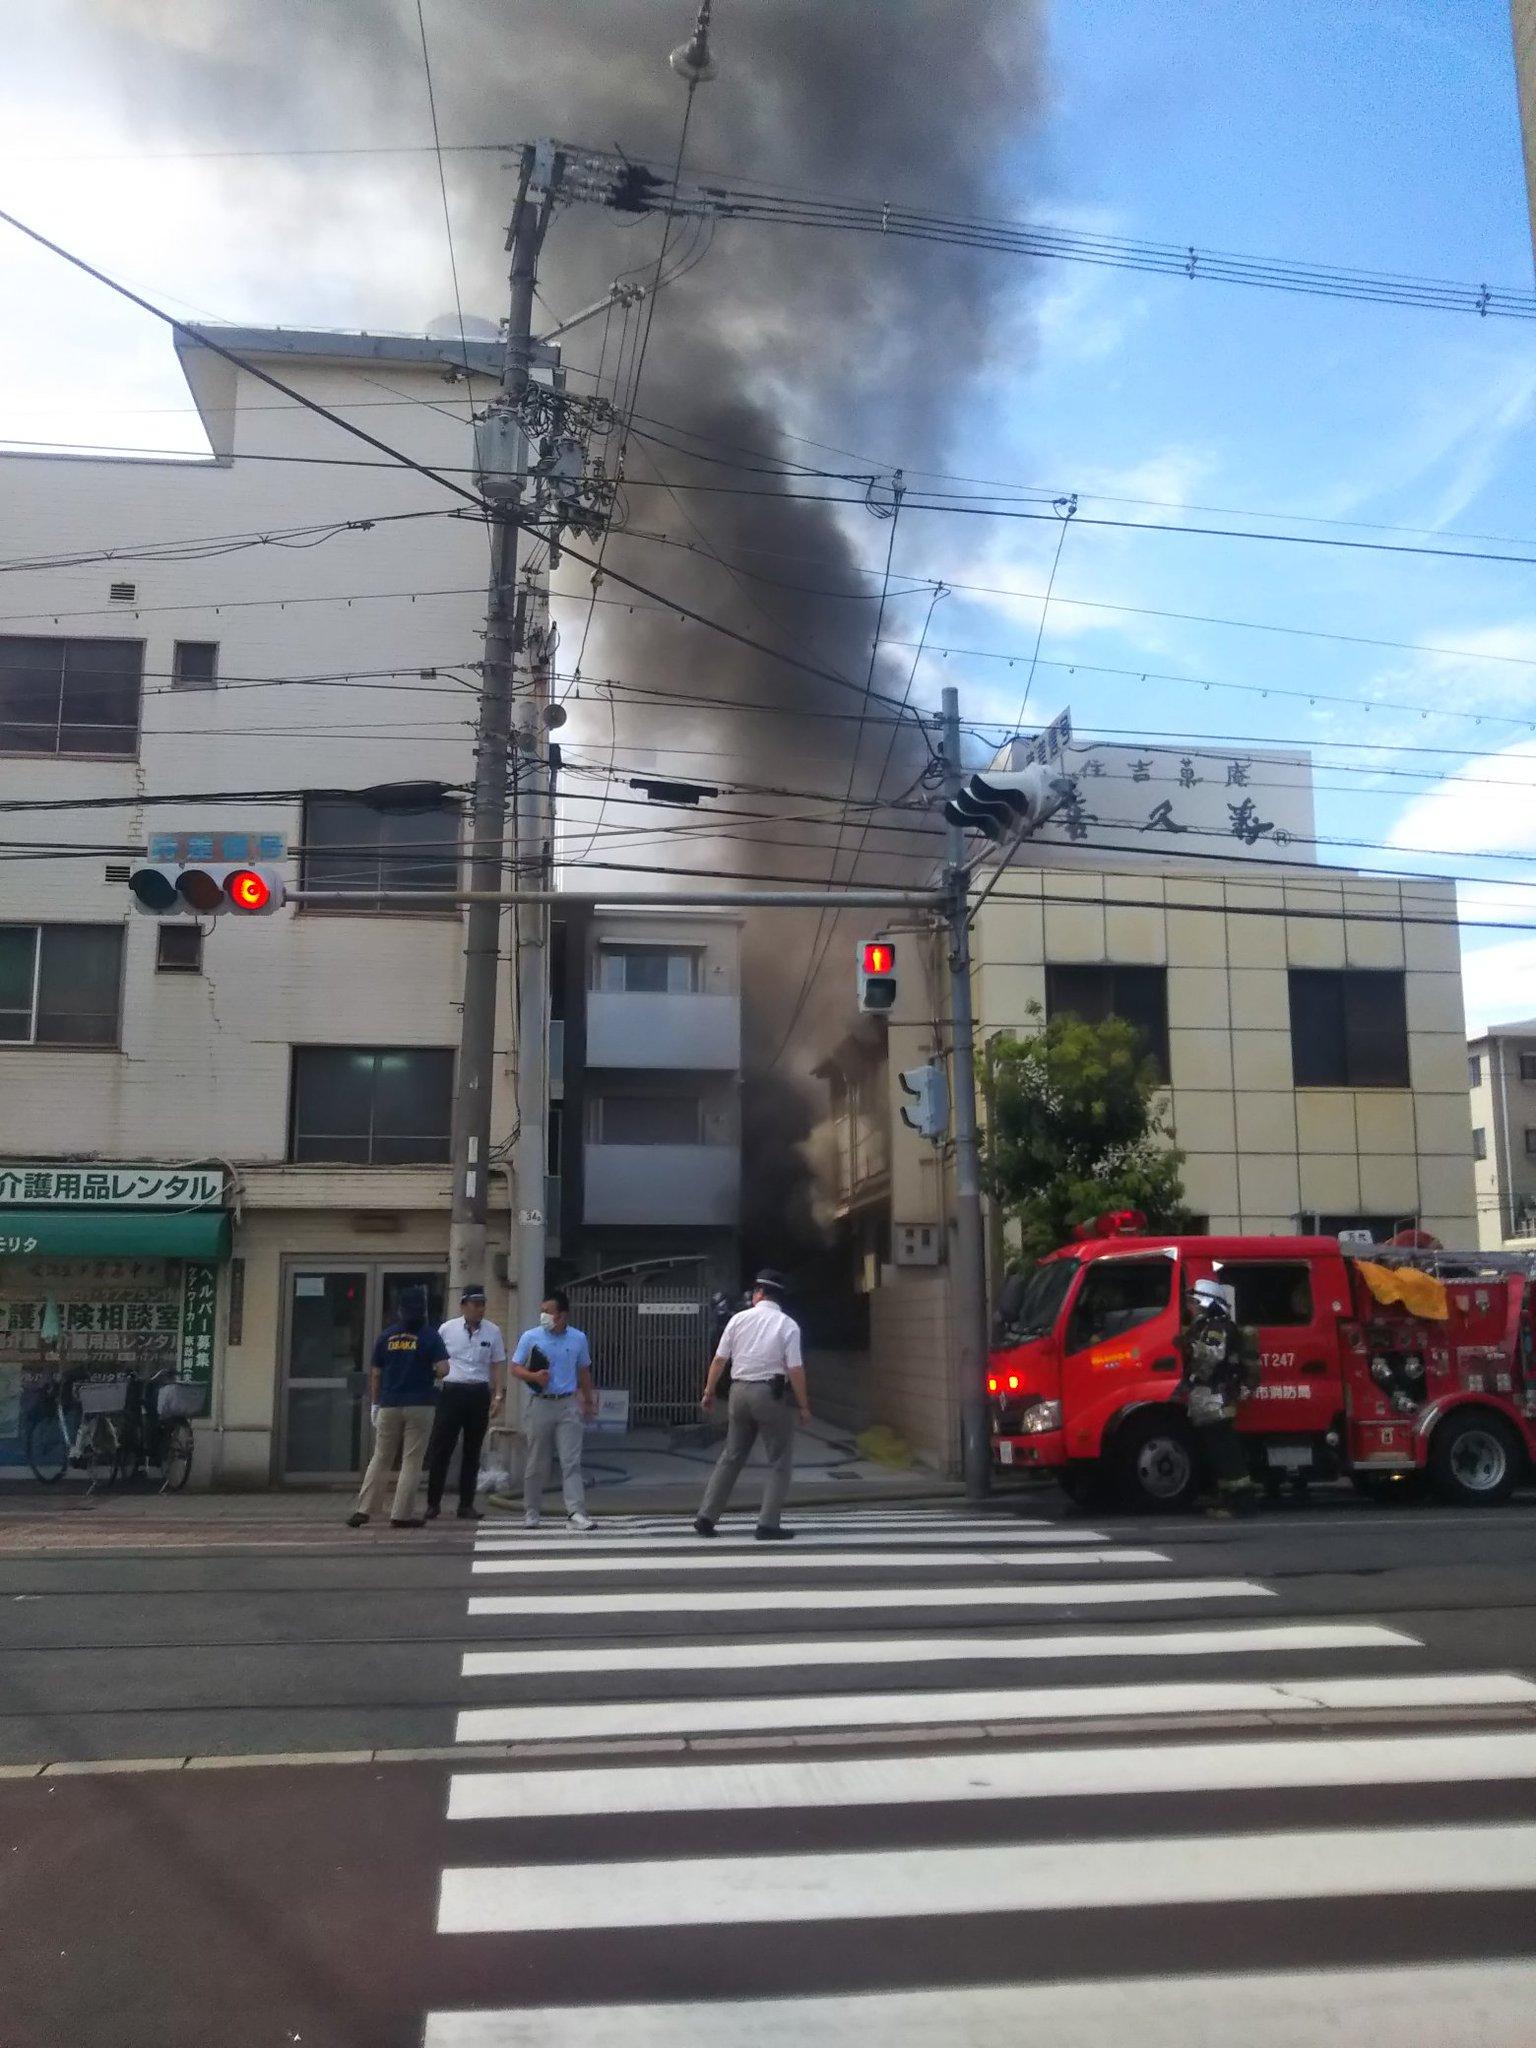 画像,阪堺住吉付近で火災…恵美須町方面は規制線張られたから行けへんな…… https://t.co/PU3l1xMnYT。